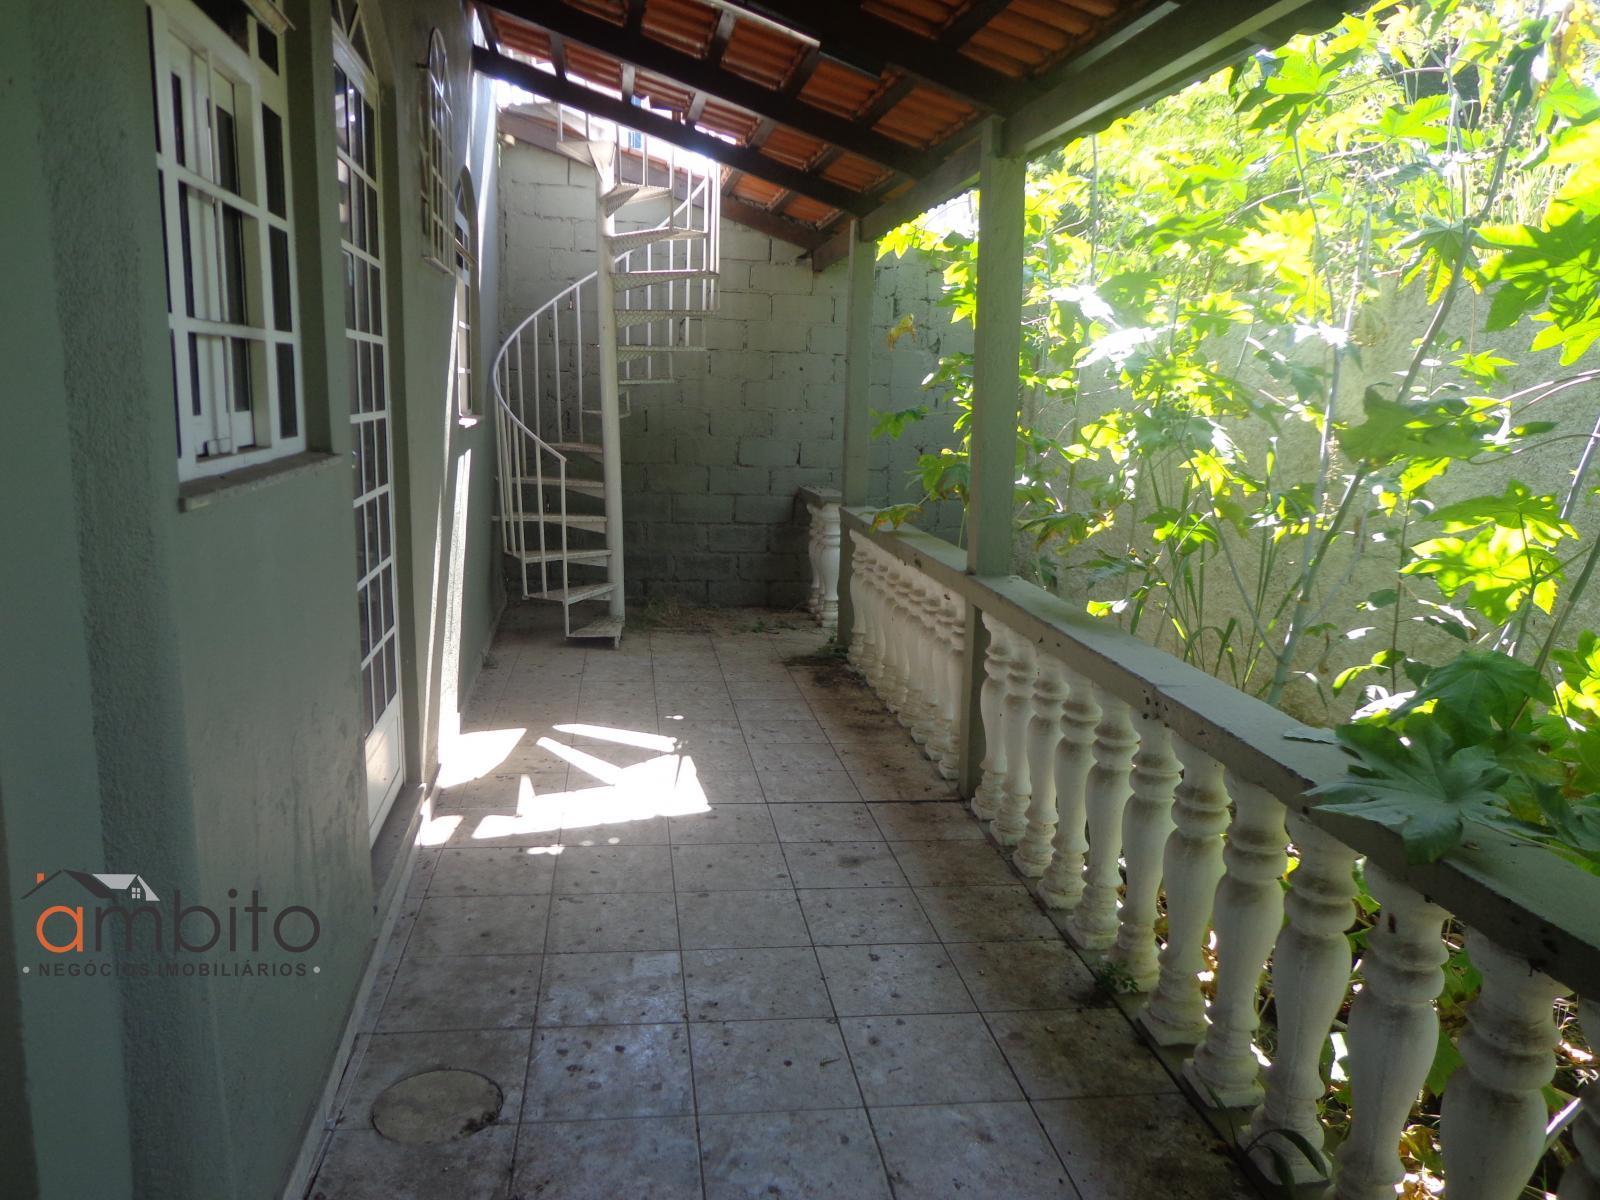 Casa - Foto 3 de 10